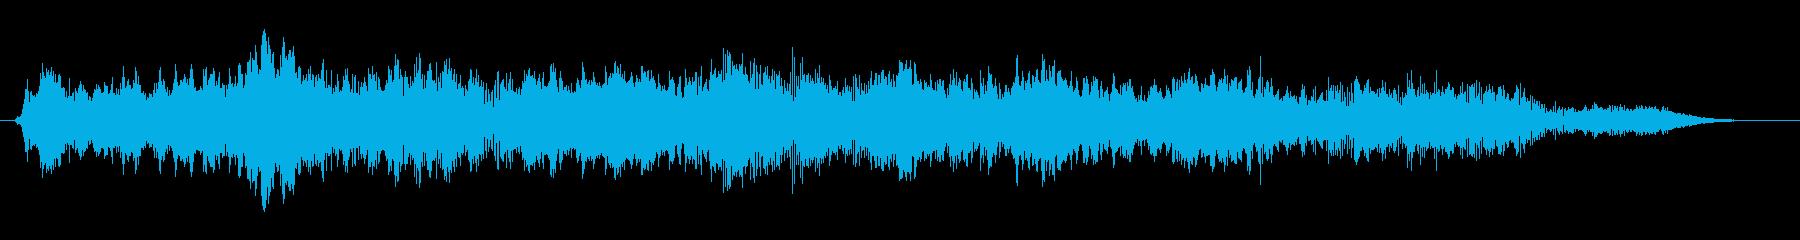 パッド ホラーソナー03の再生済みの波形